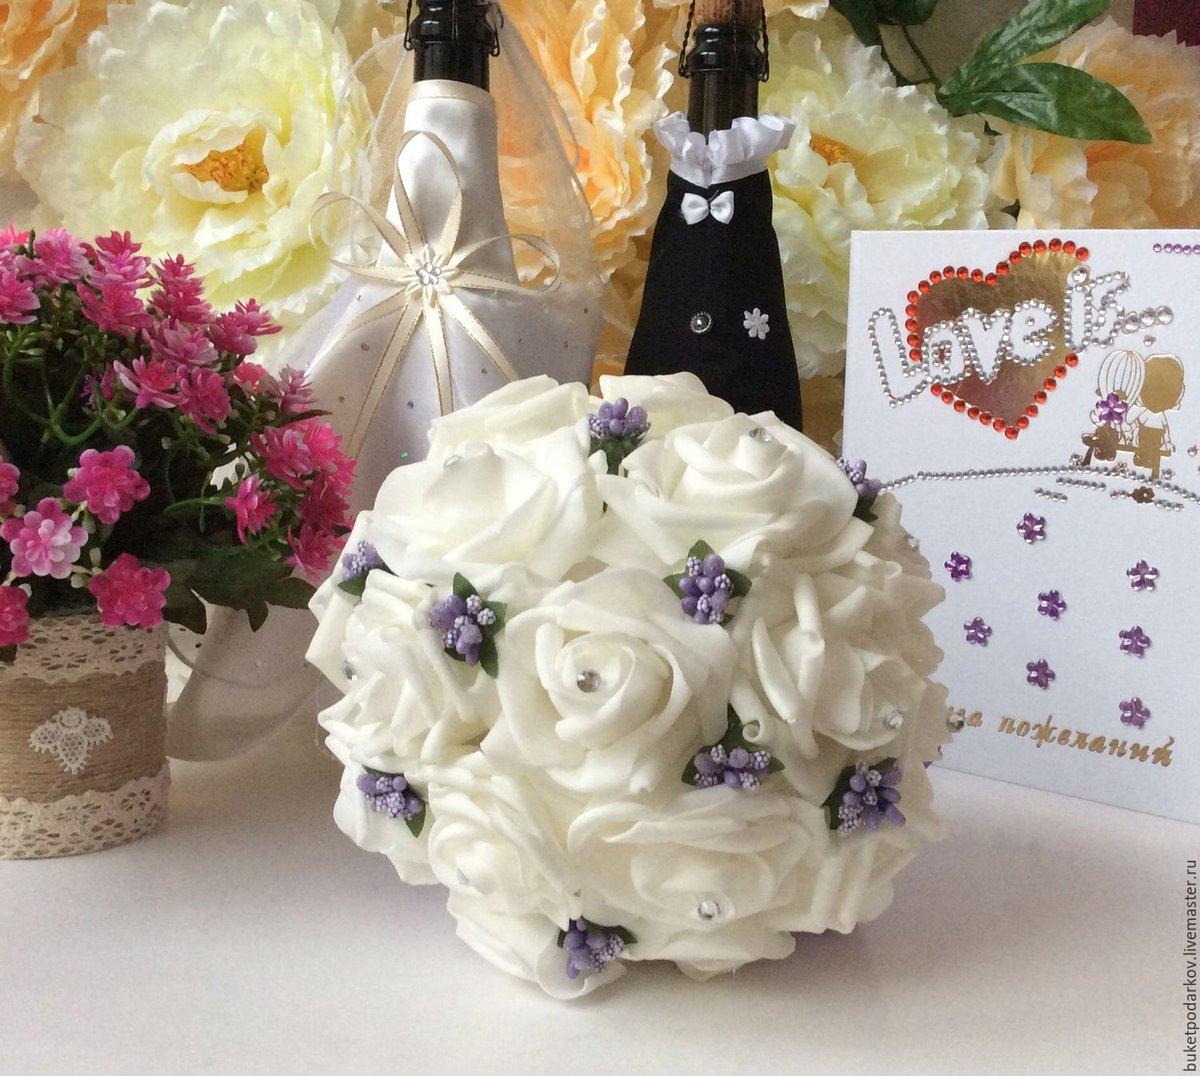 Цветы мимозу, эксклюзивные букеты для свадьбы своими руками